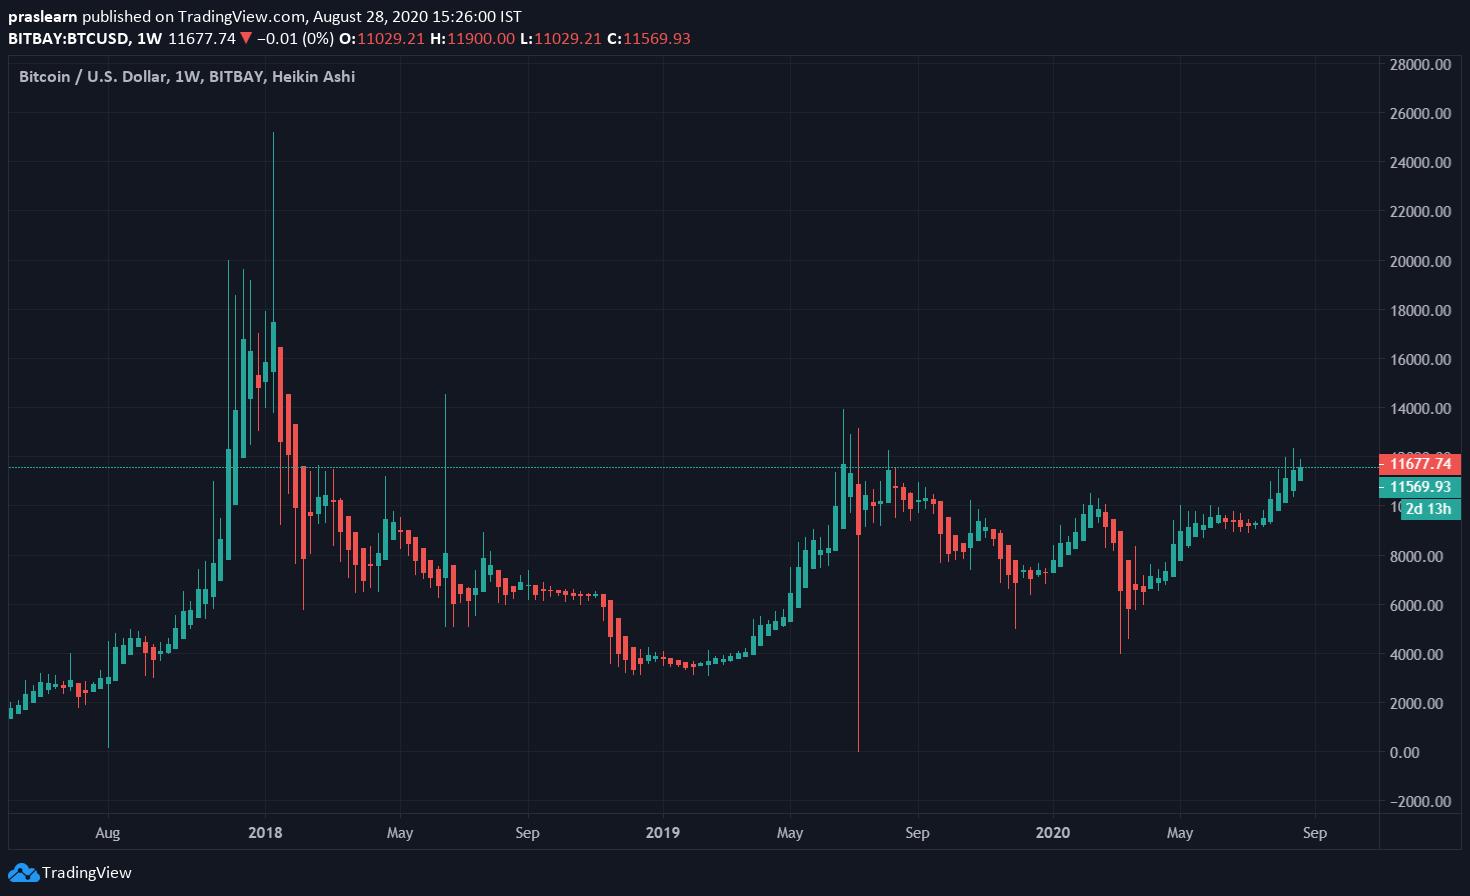 Bitcoin Price Analysis Weekly Chart